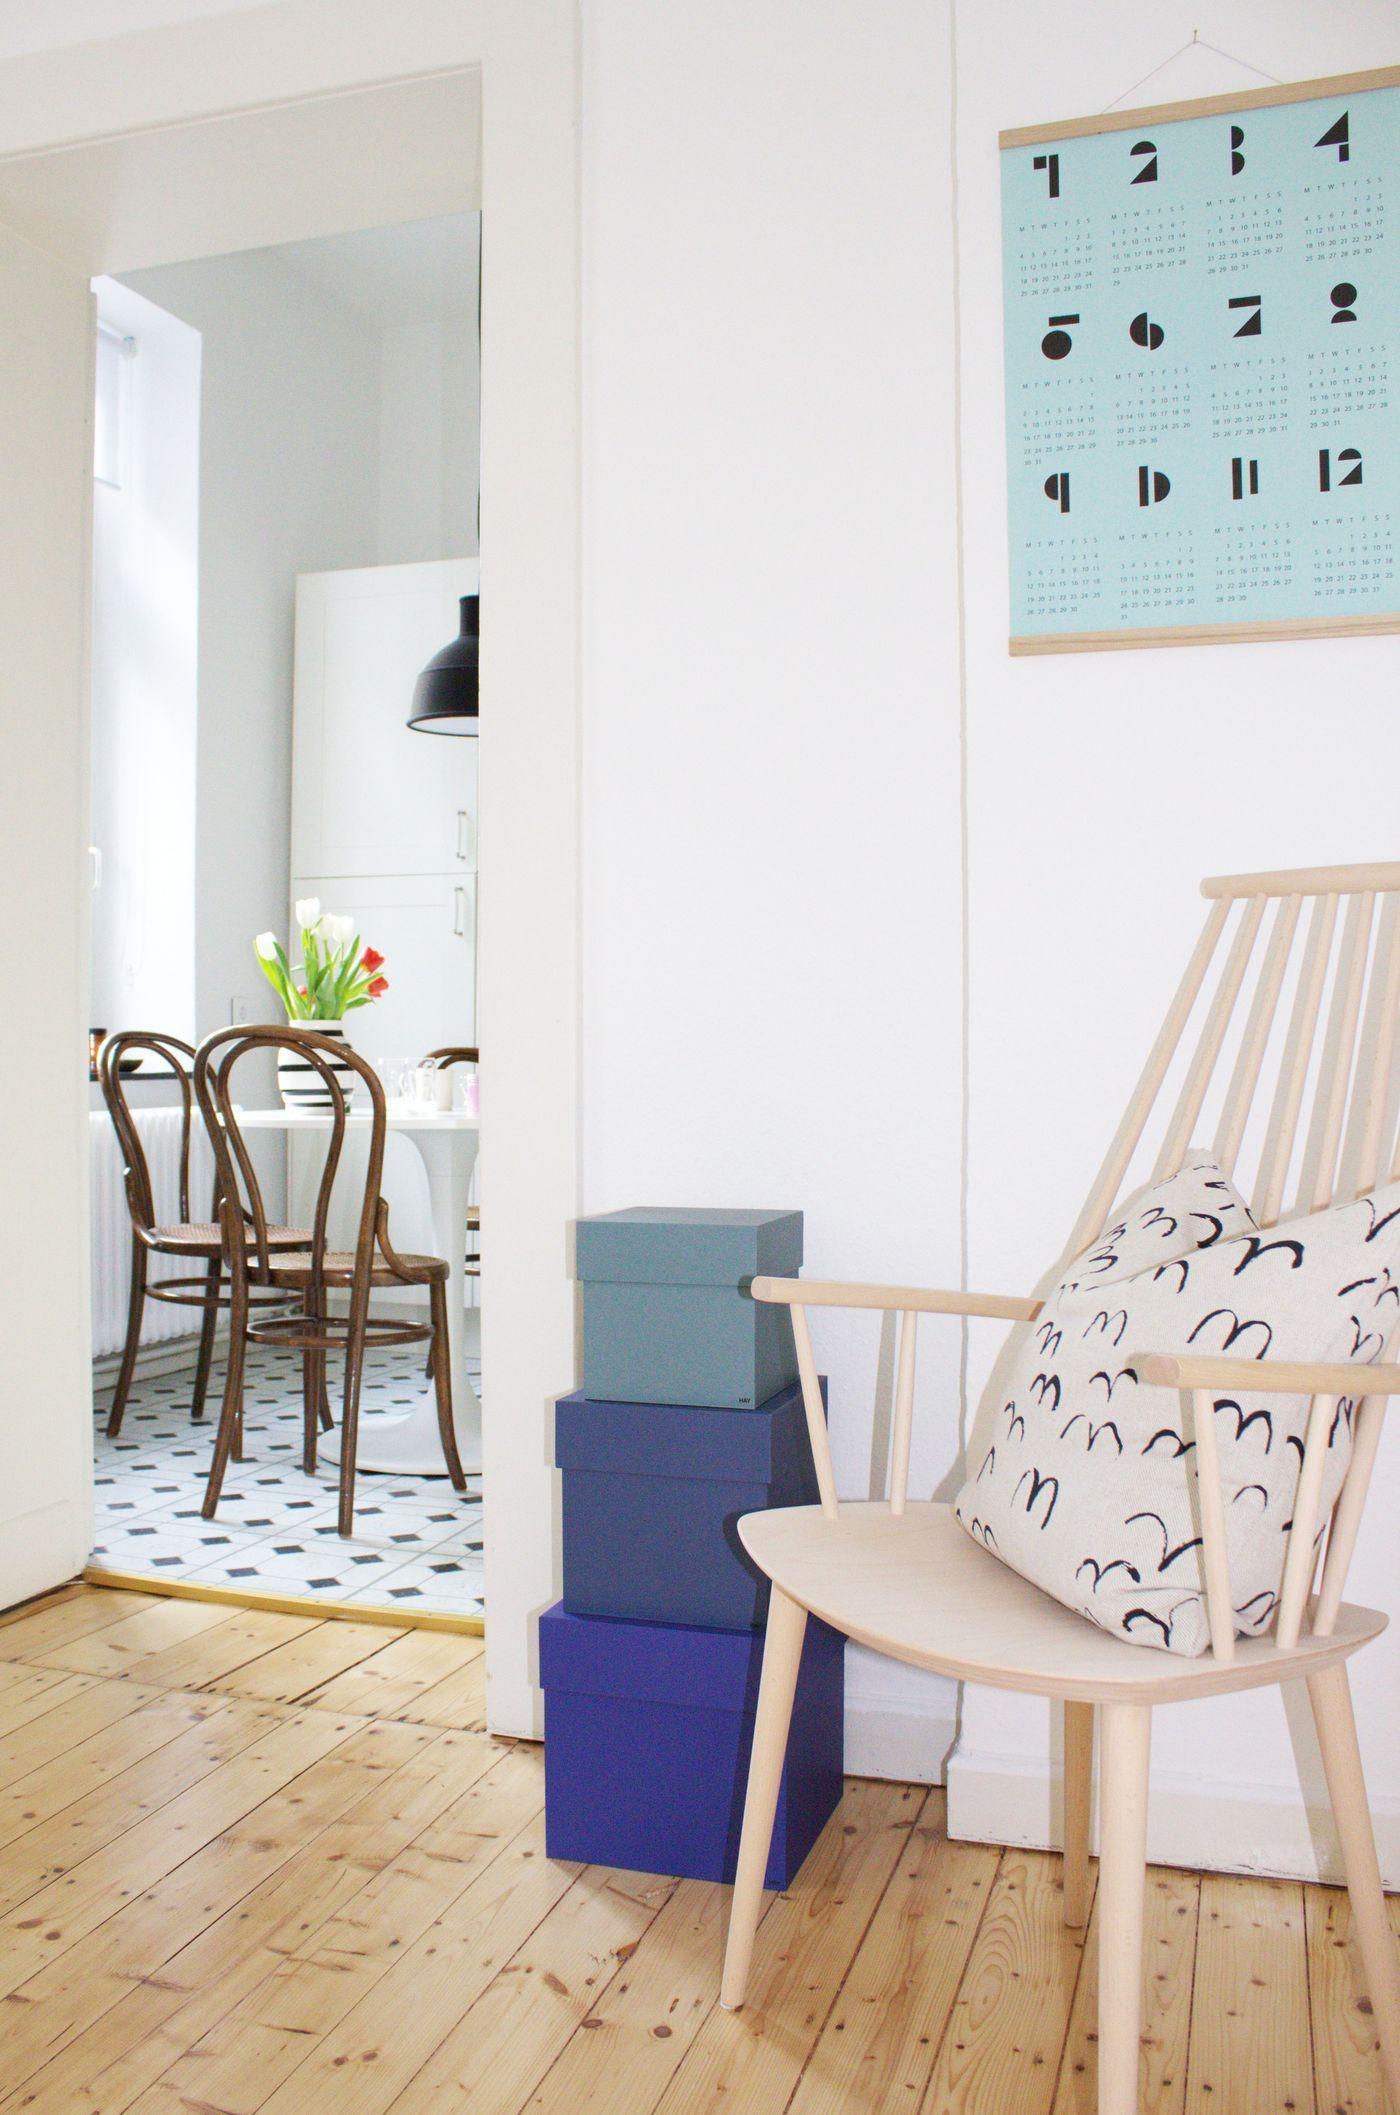 arbeitszimmer einrichten die besten ideen seite 12. Black Bedroom Furniture Sets. Home Design Ideas